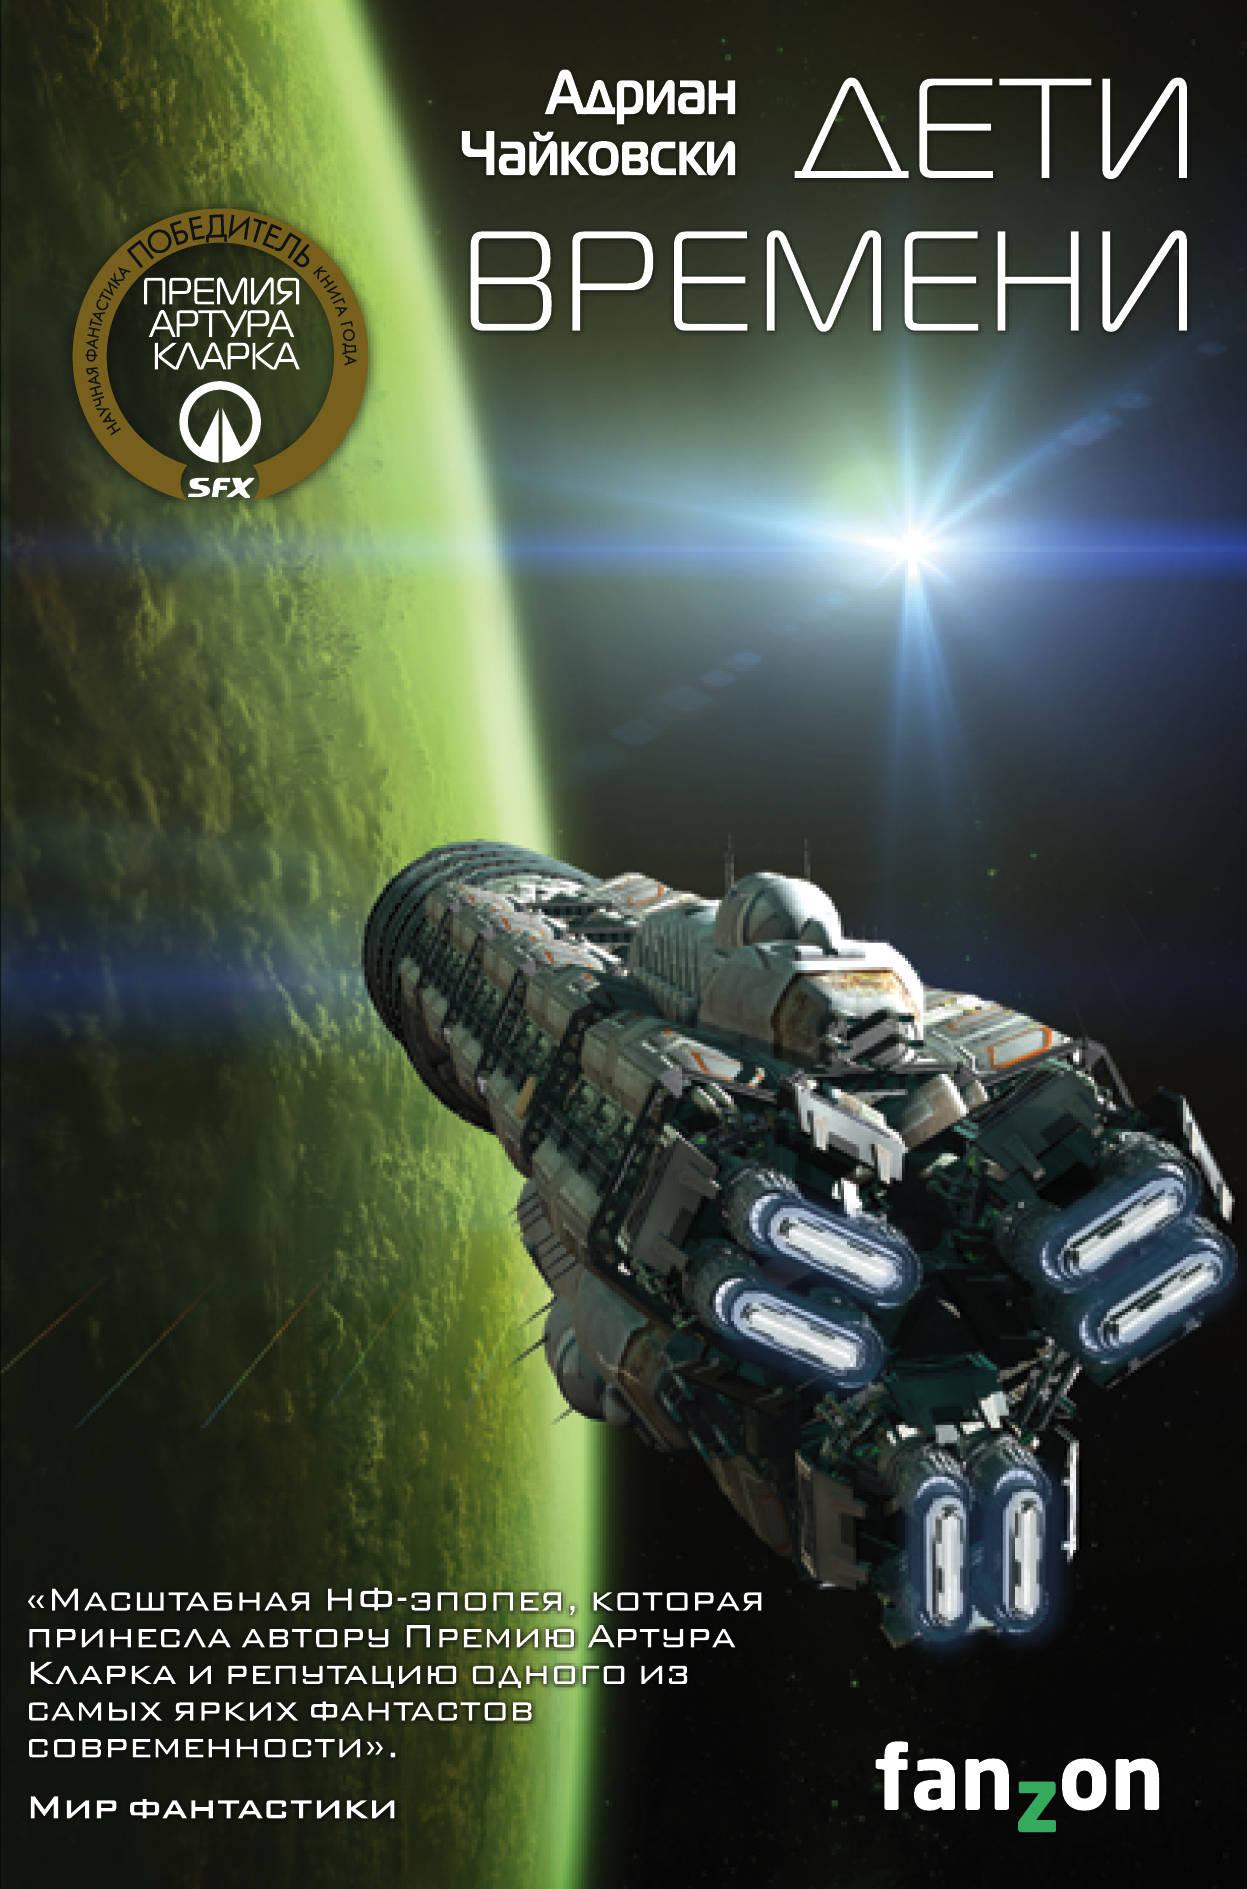 Фантастика 2020 года, которую стоит почитать - 5